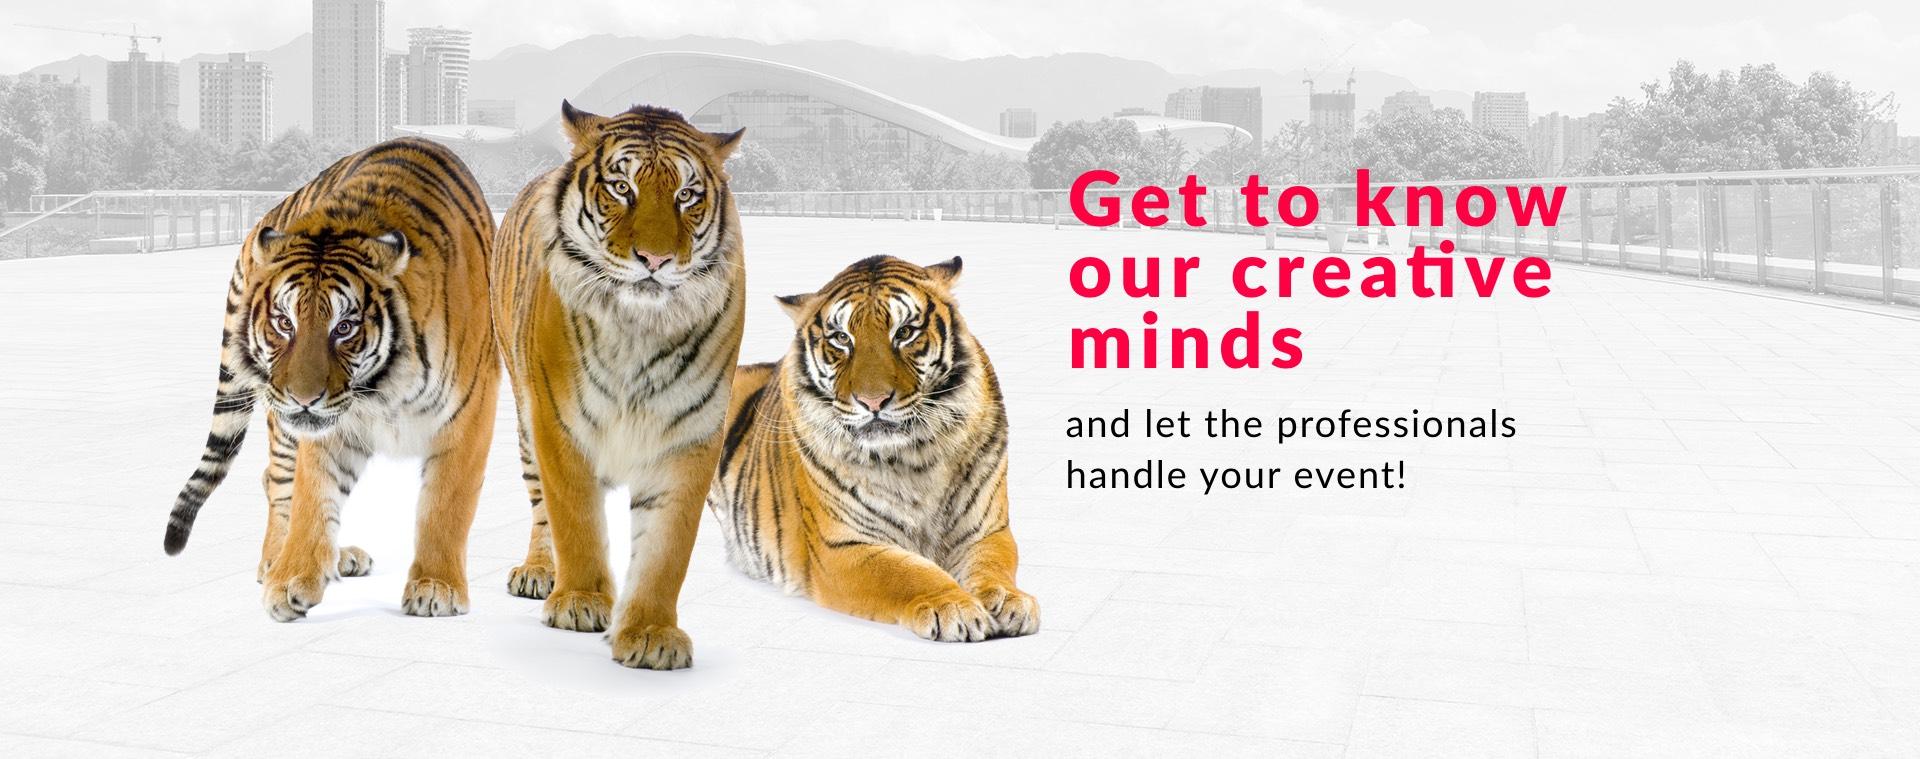 Poznaj nasze kreatywne umysły, złóż swoje wydarzenie w ręce profesjonalistów!